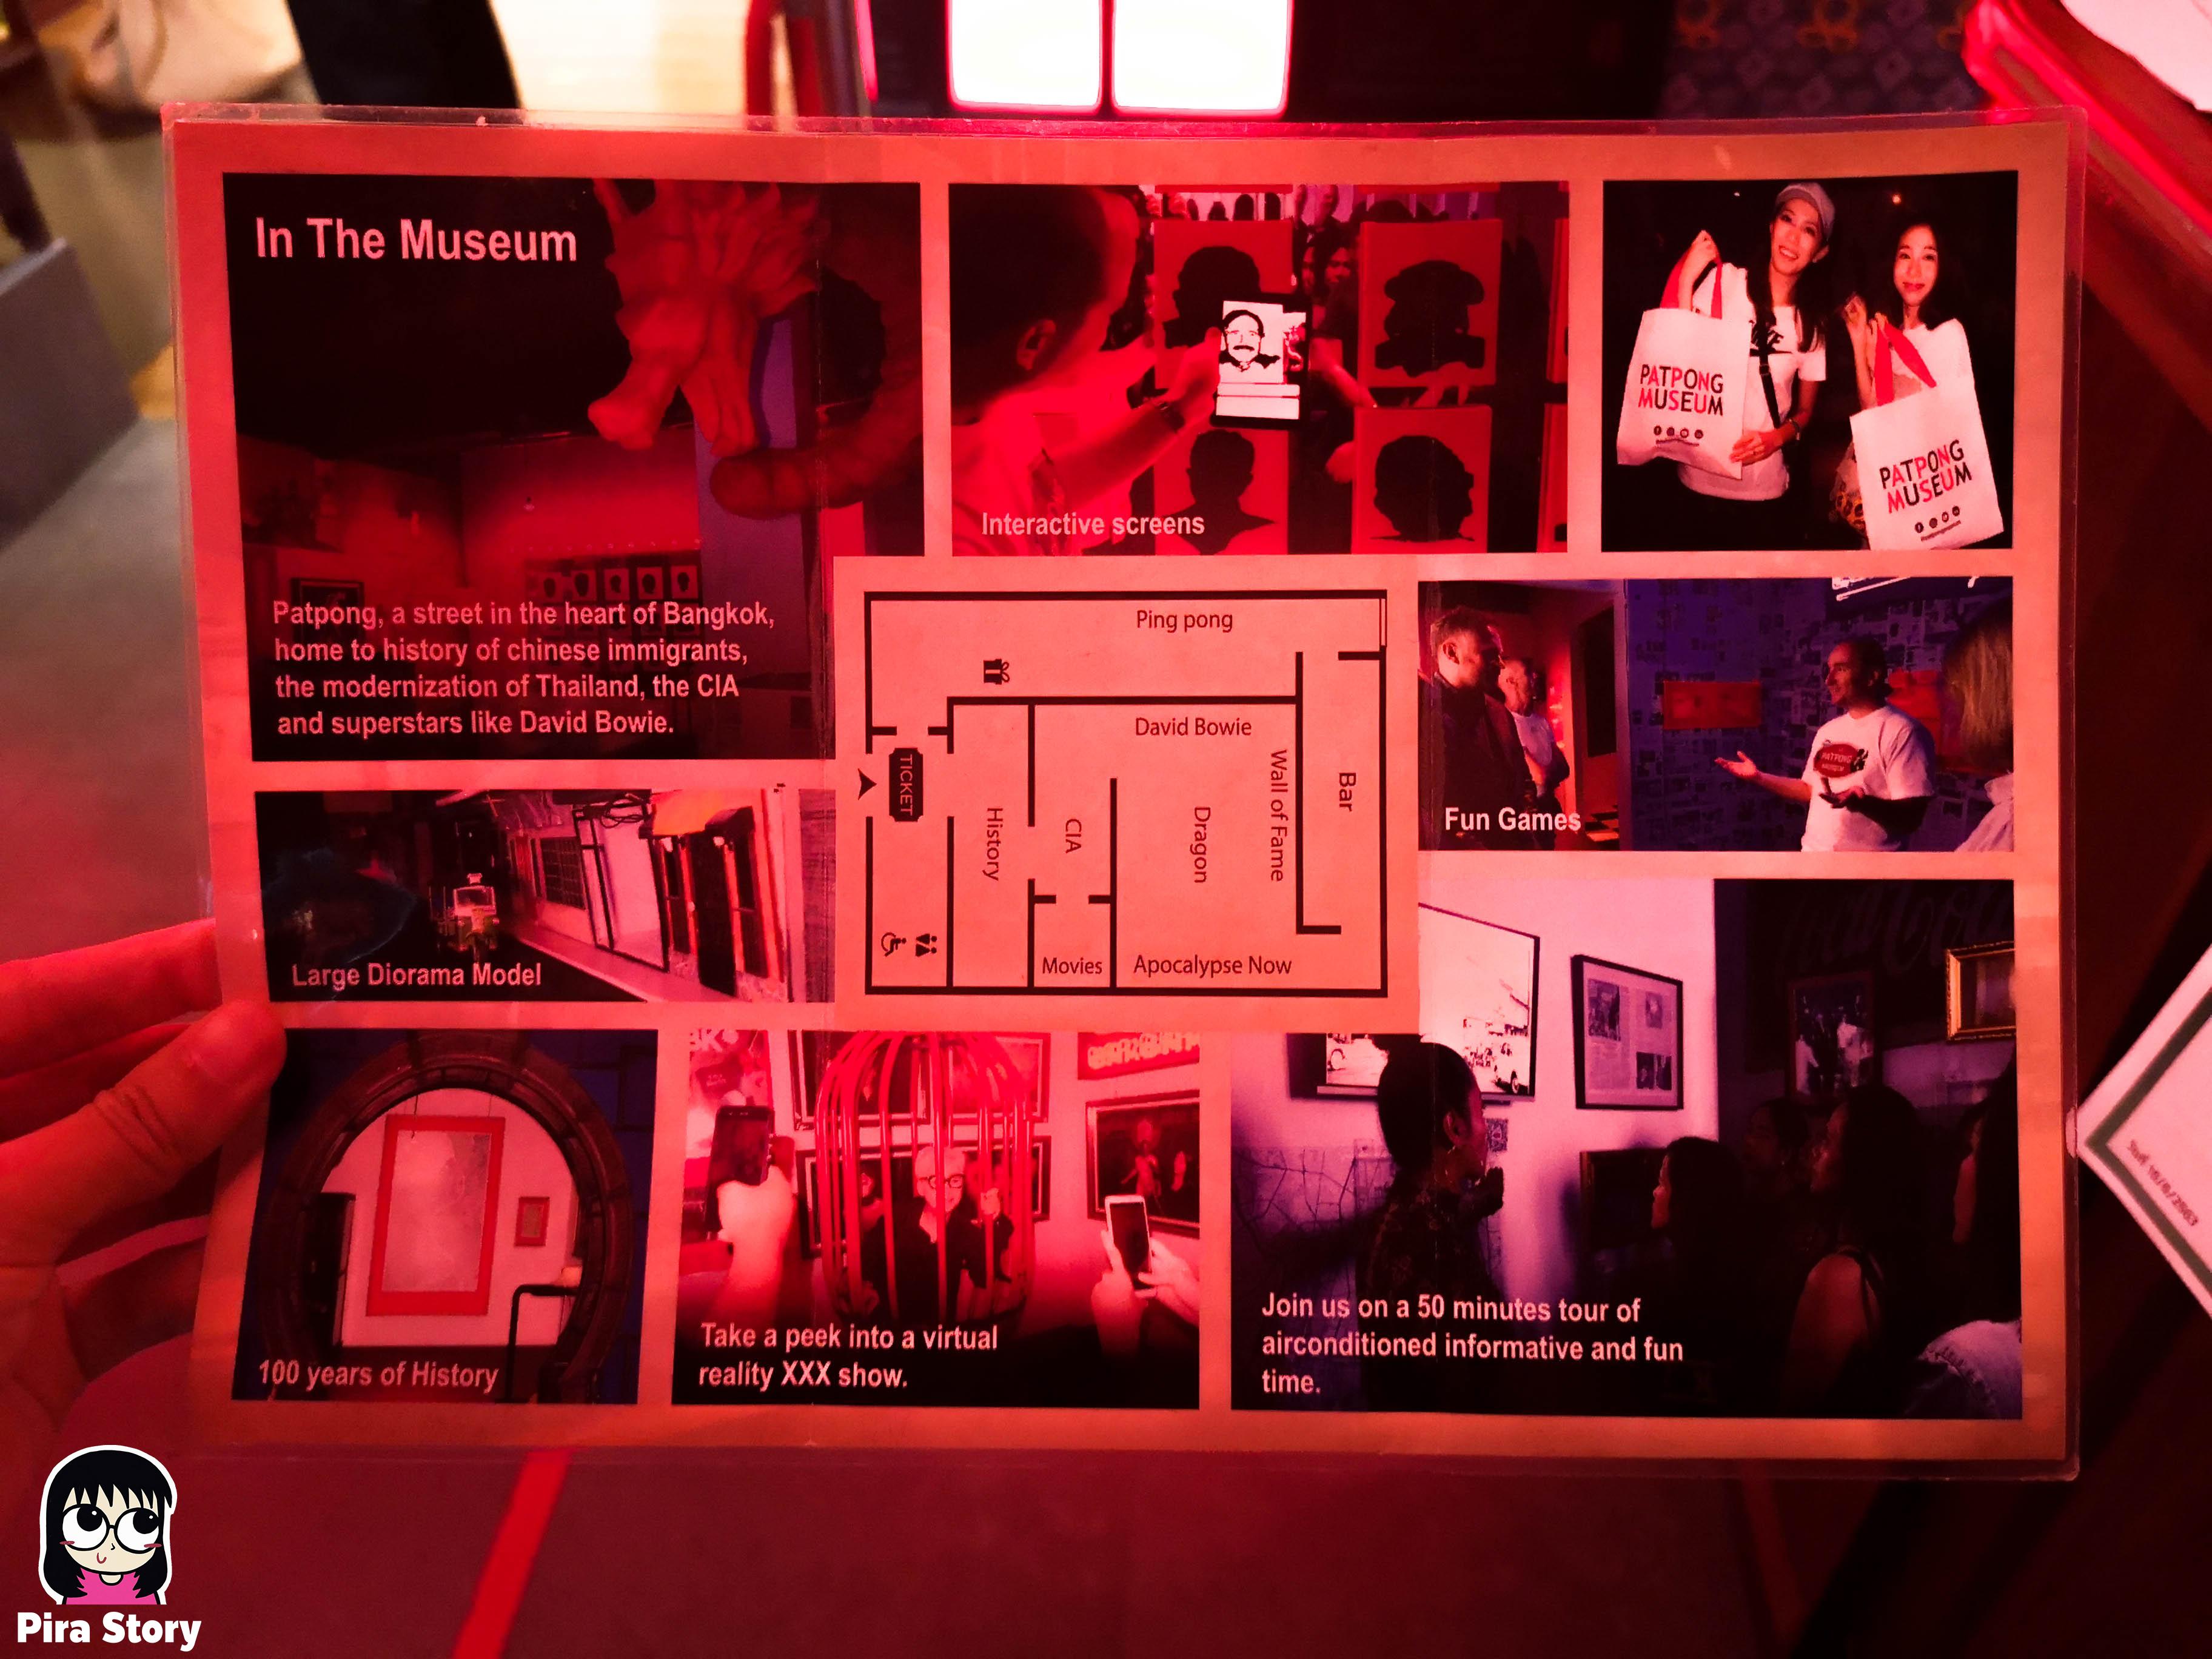 พิพิธภัณฑ์พัฒน์พงศ์ Patpong museum สถานบันเทิง บาร์ อะโกโก้ เต้นรูดเสา sex worker ค้าประเวณี โสเภณี โคมเขียว ผับ บาร์ 18+ พัฒน์พงศ์มิวเซียม pira story pirastory เที่ยวเนิร์ดๆ พัฒน์พงศ์